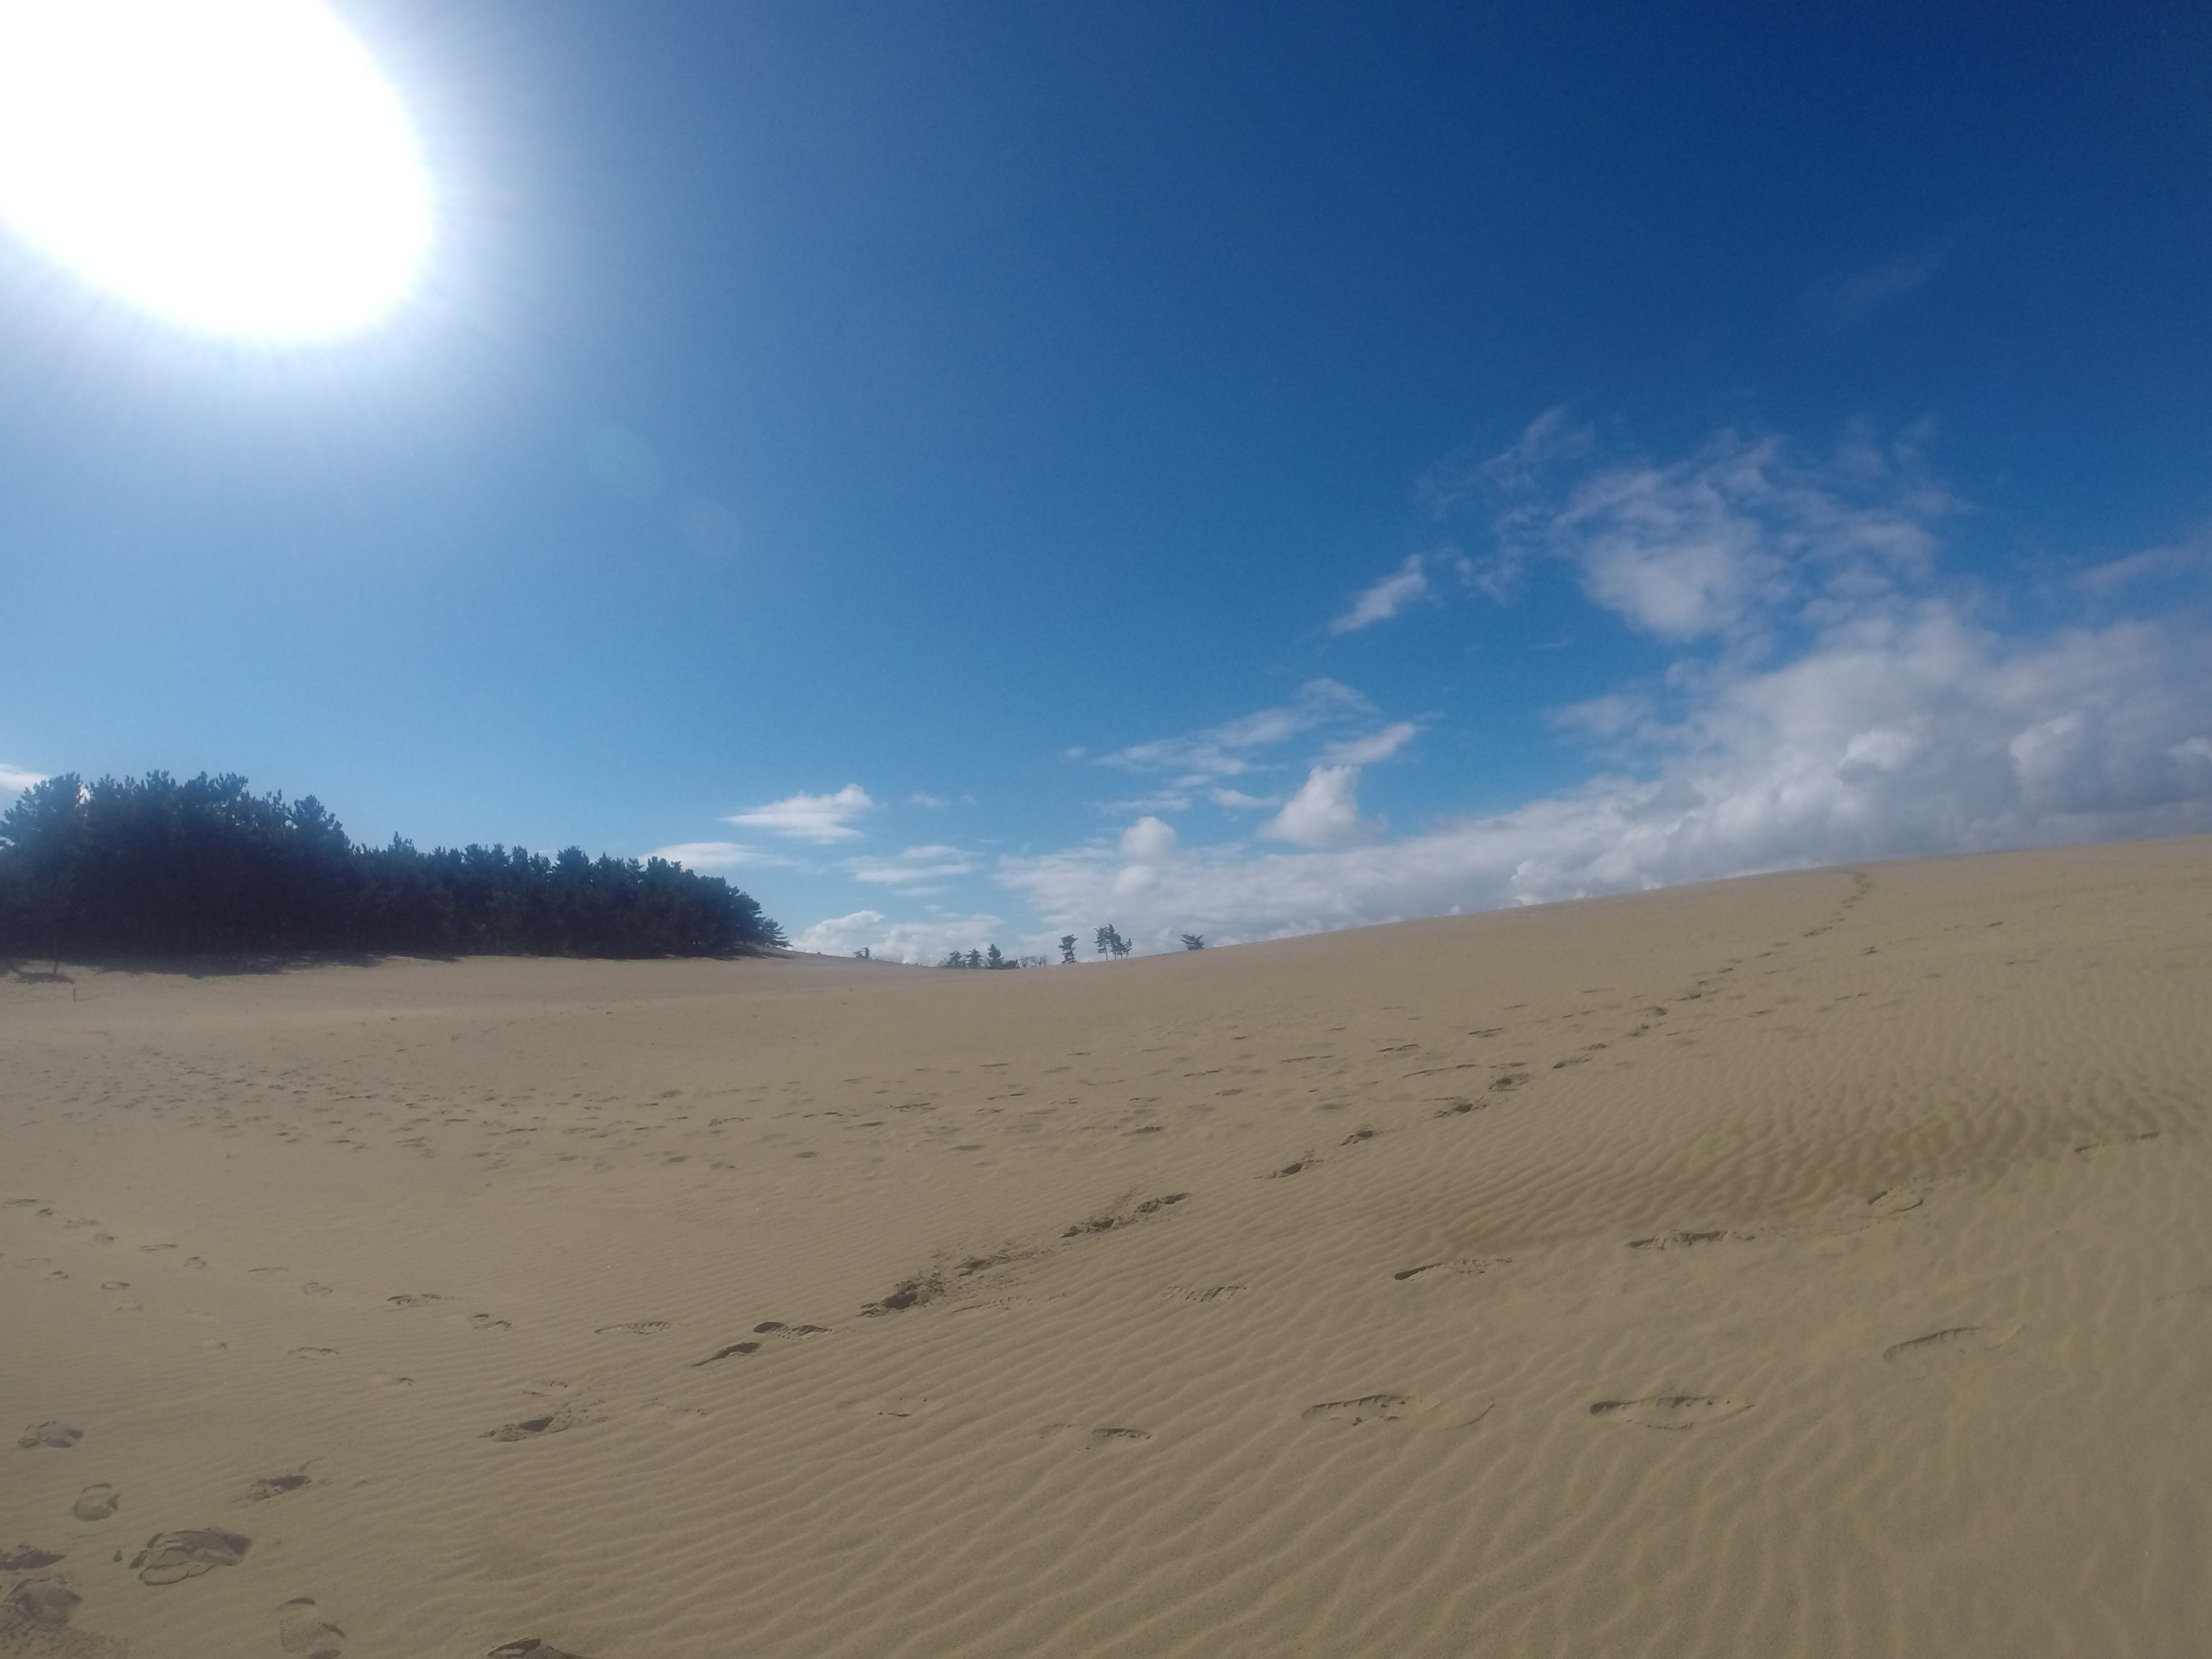 明るい日差しに包まれた鳥取砂丘